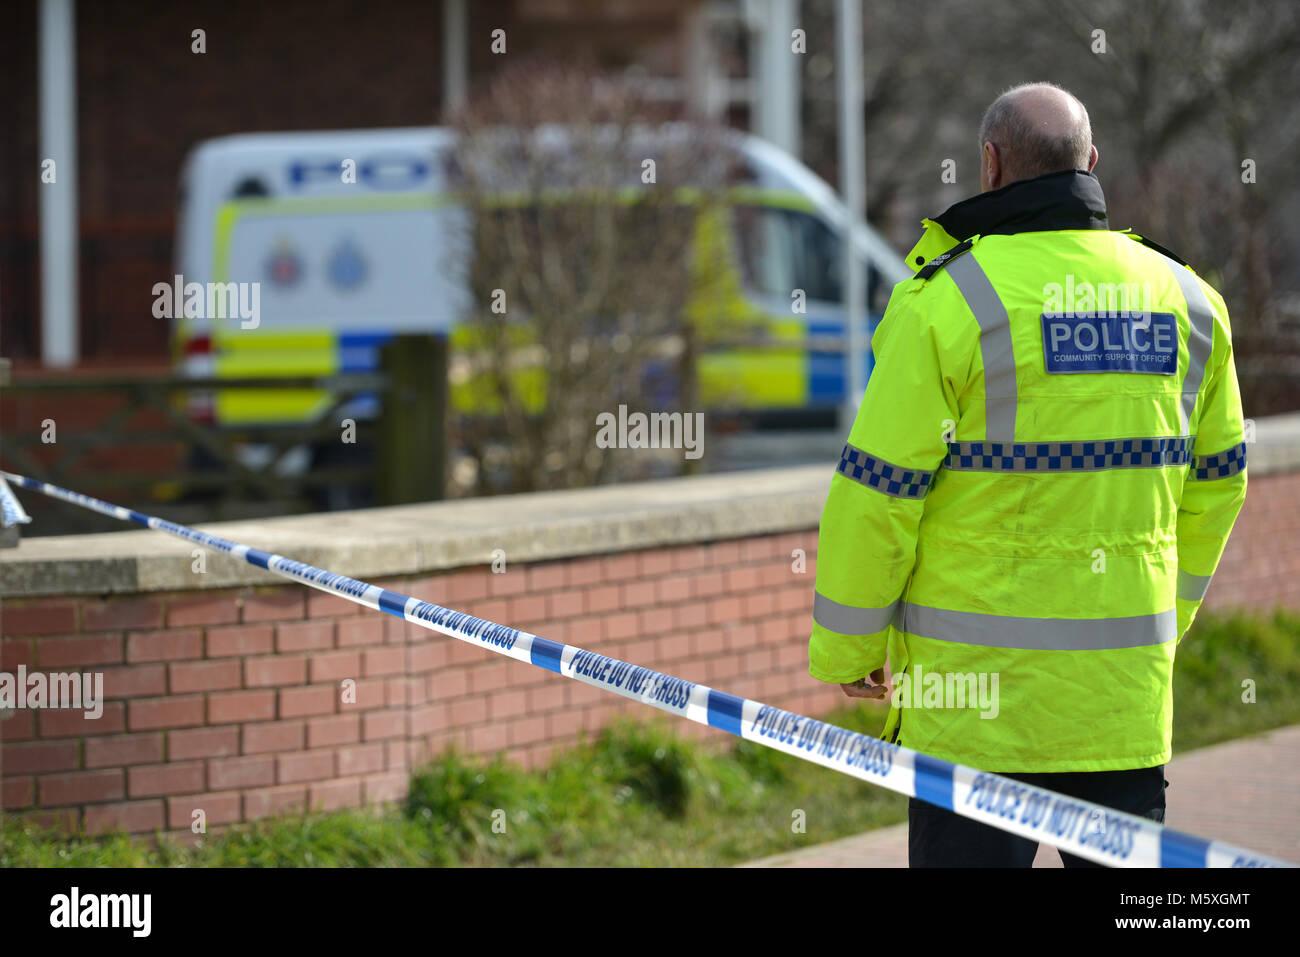 Polizei Community Support Officer am Tatort eines Verbrechens. Stockbild